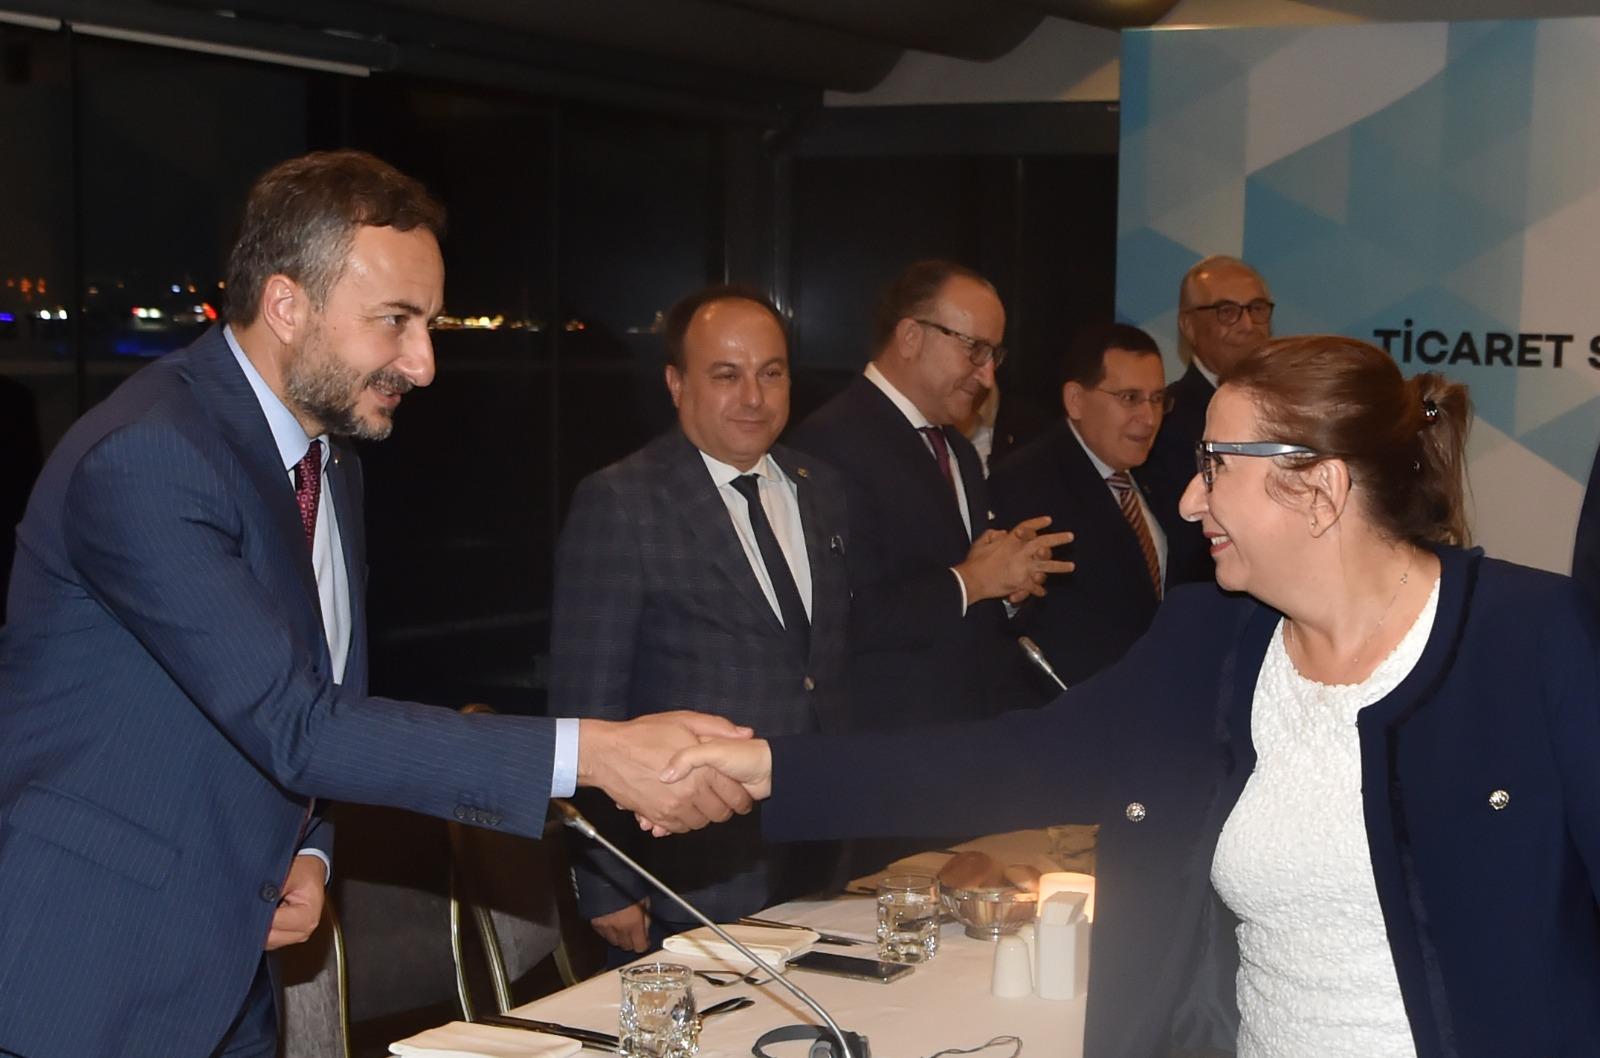 Ticaret Bakanı Pekcan ile görüşen Başkan Arslan: GÜMRÜK BİRLİĞİ'NDE REVİZYONA İHTİYAÇ VAR